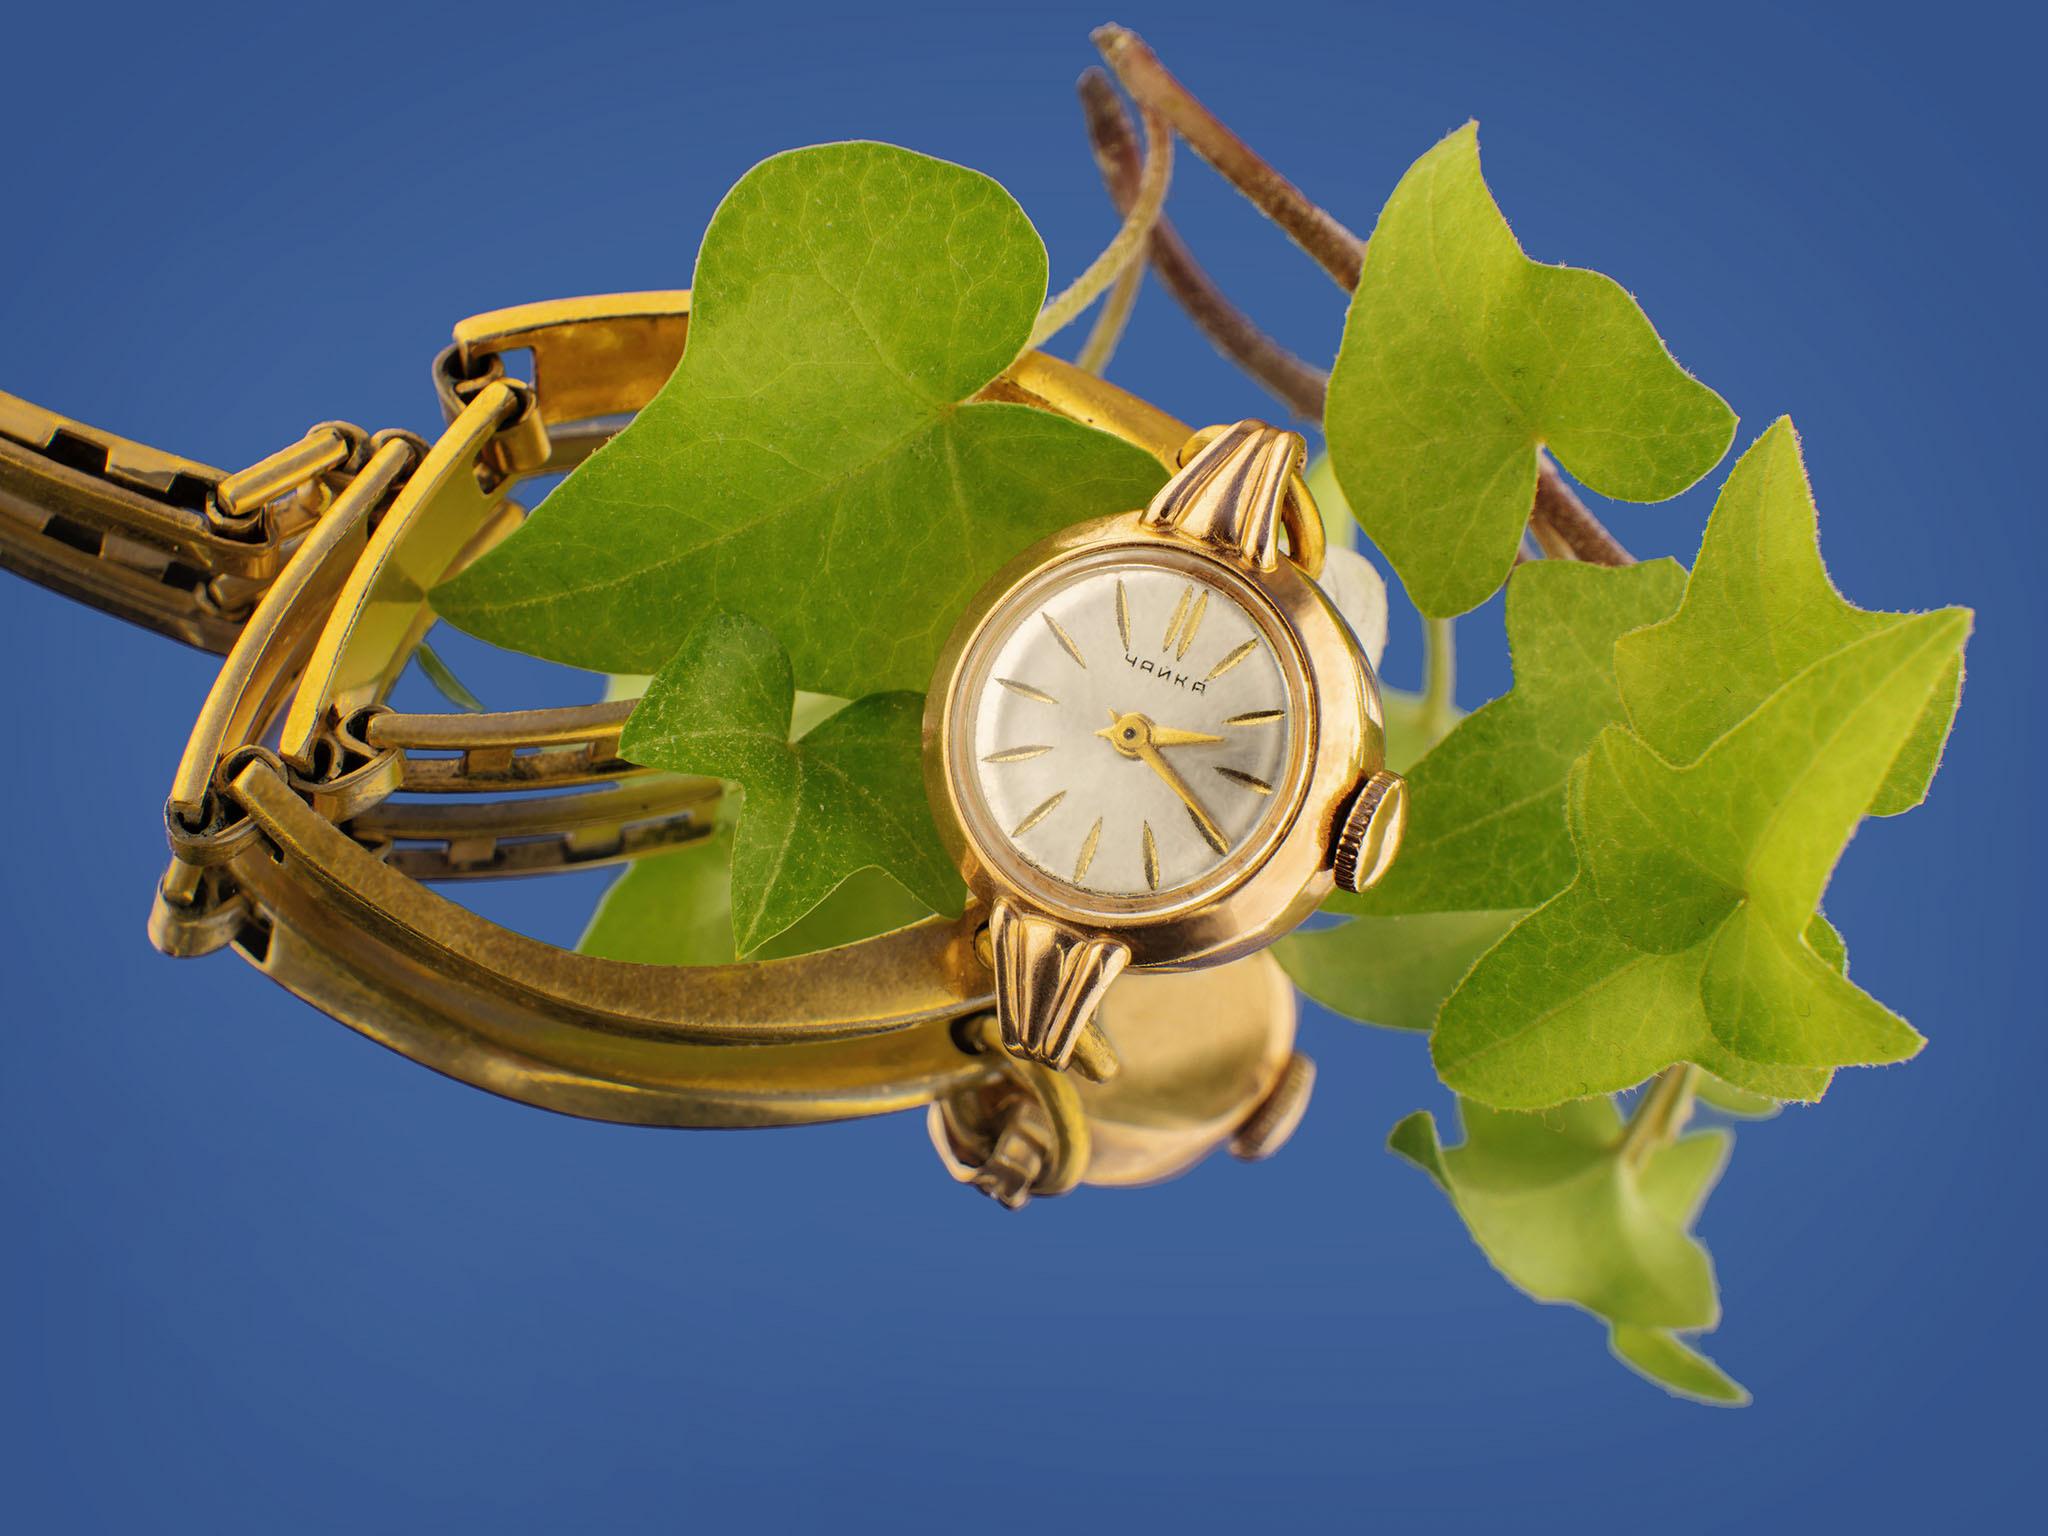 Предметная фотосъемка: часы для сайта ломбарда